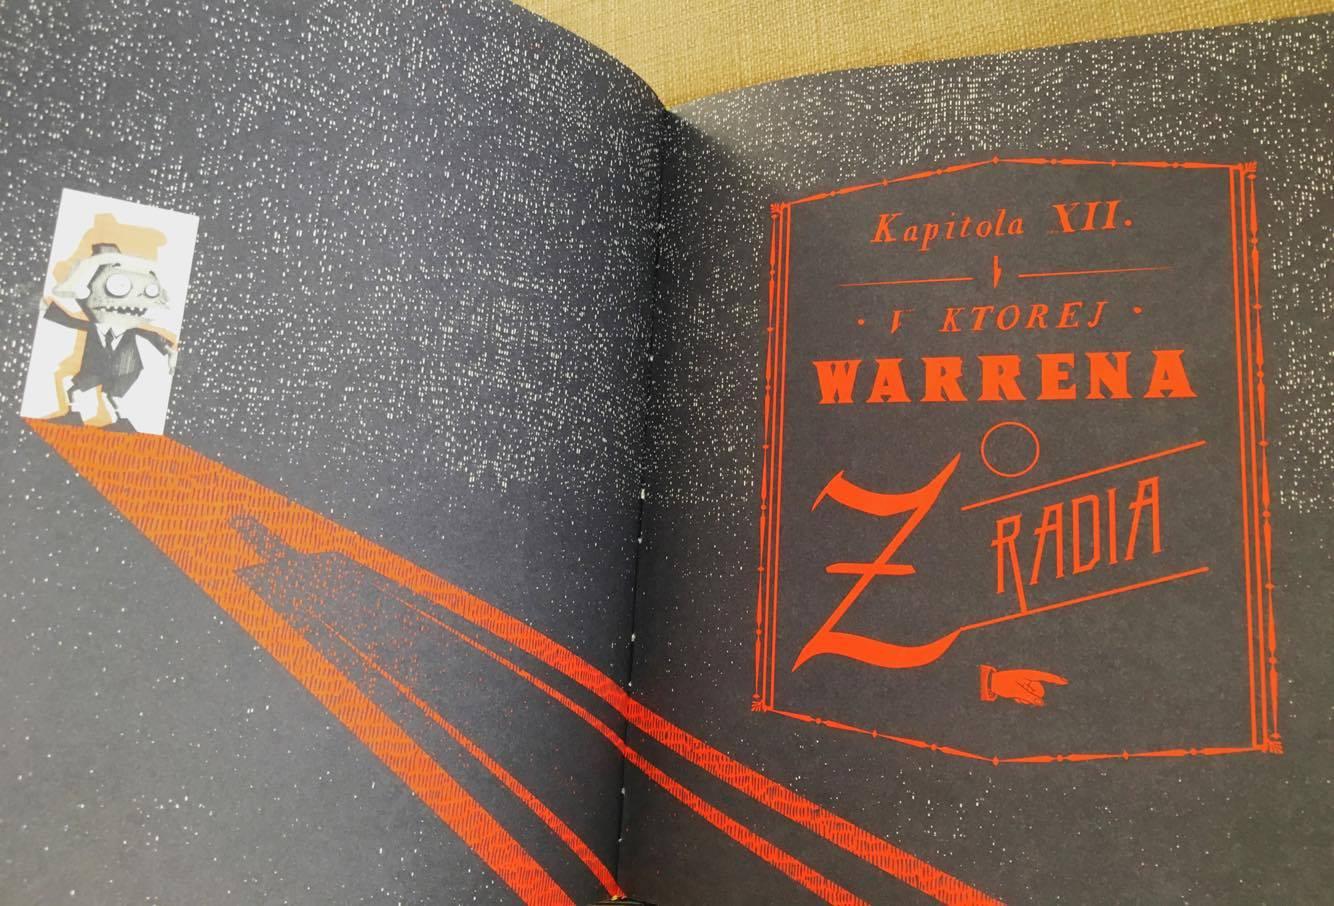 warren-5